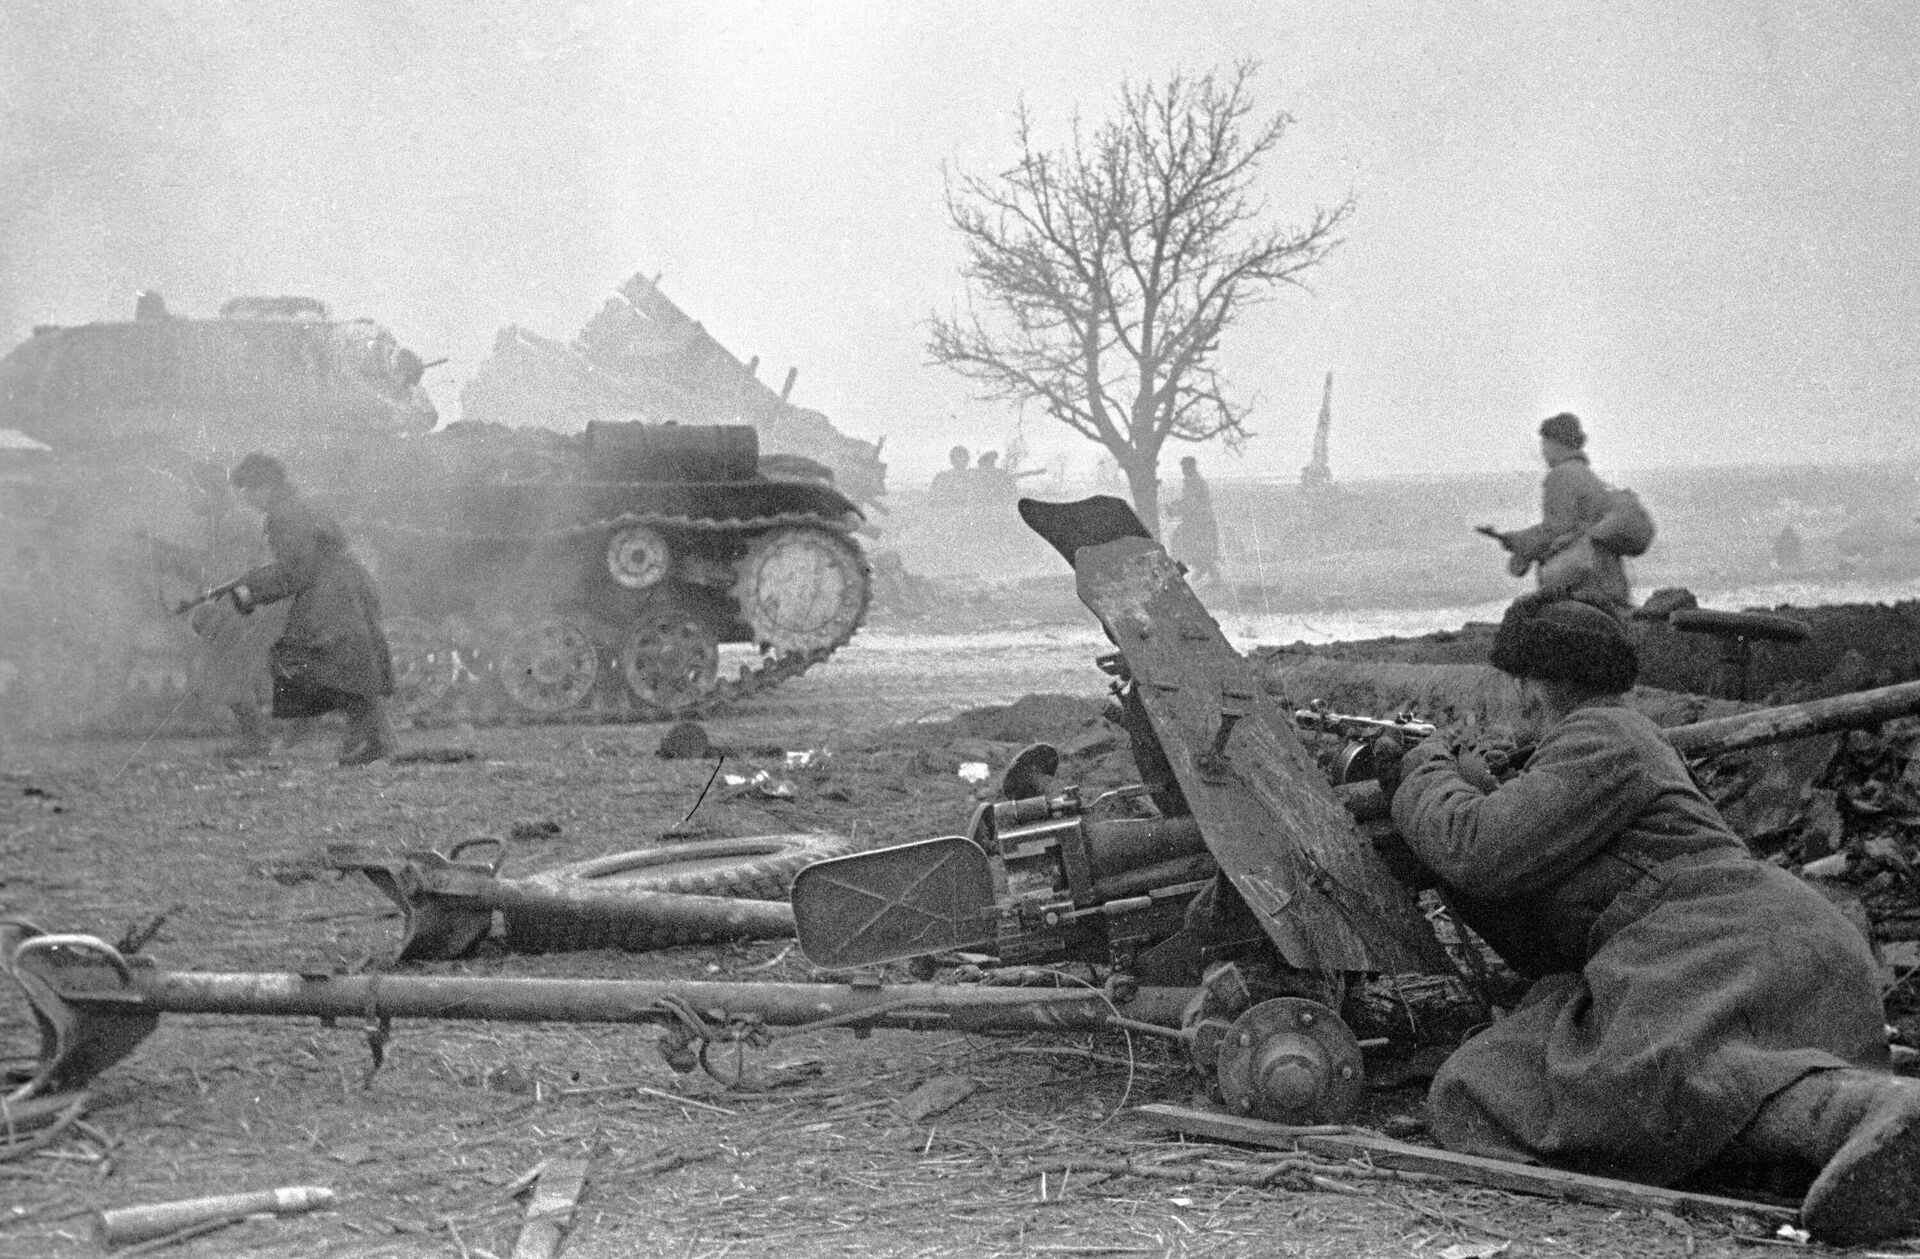 Советские воины ведут бой в окрестностях Варшавы - РИА Новости, 1920, 16.09.2020